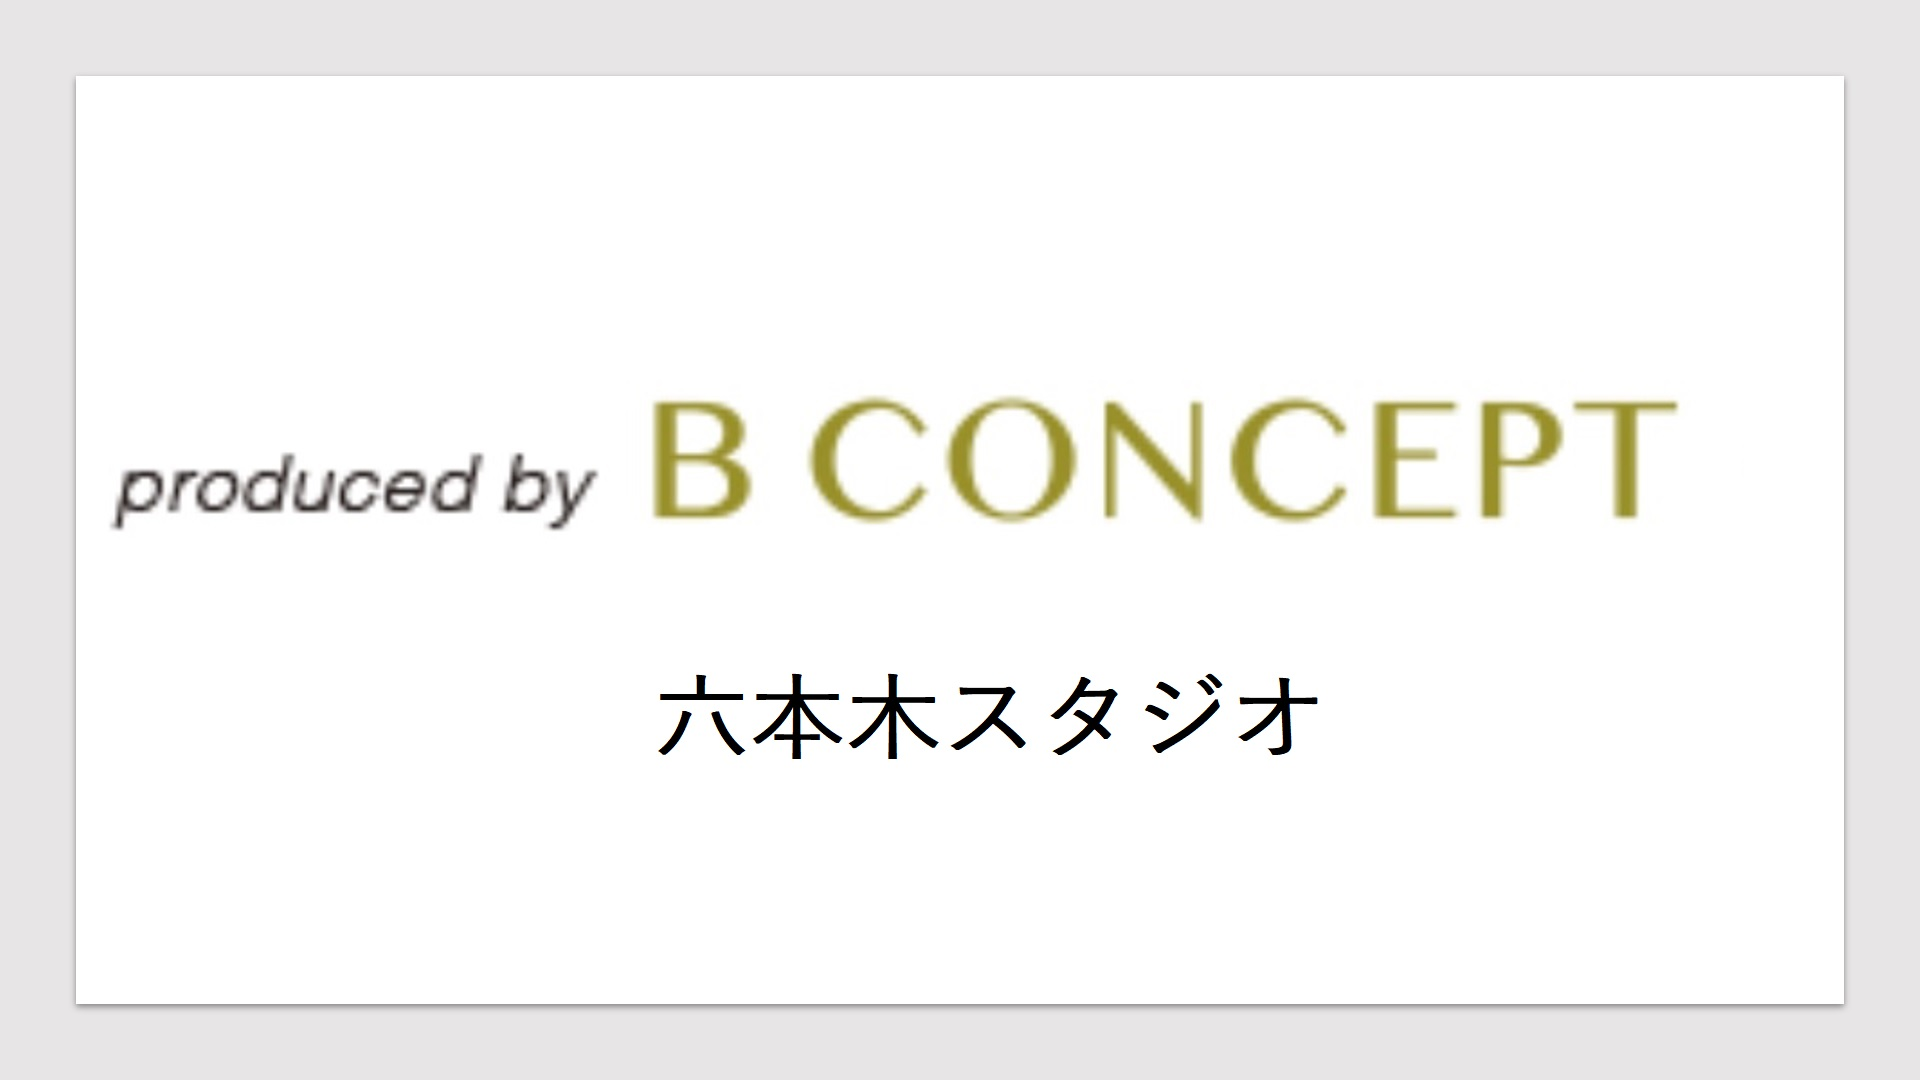 ビーコンセプト(六本木スタジオ)